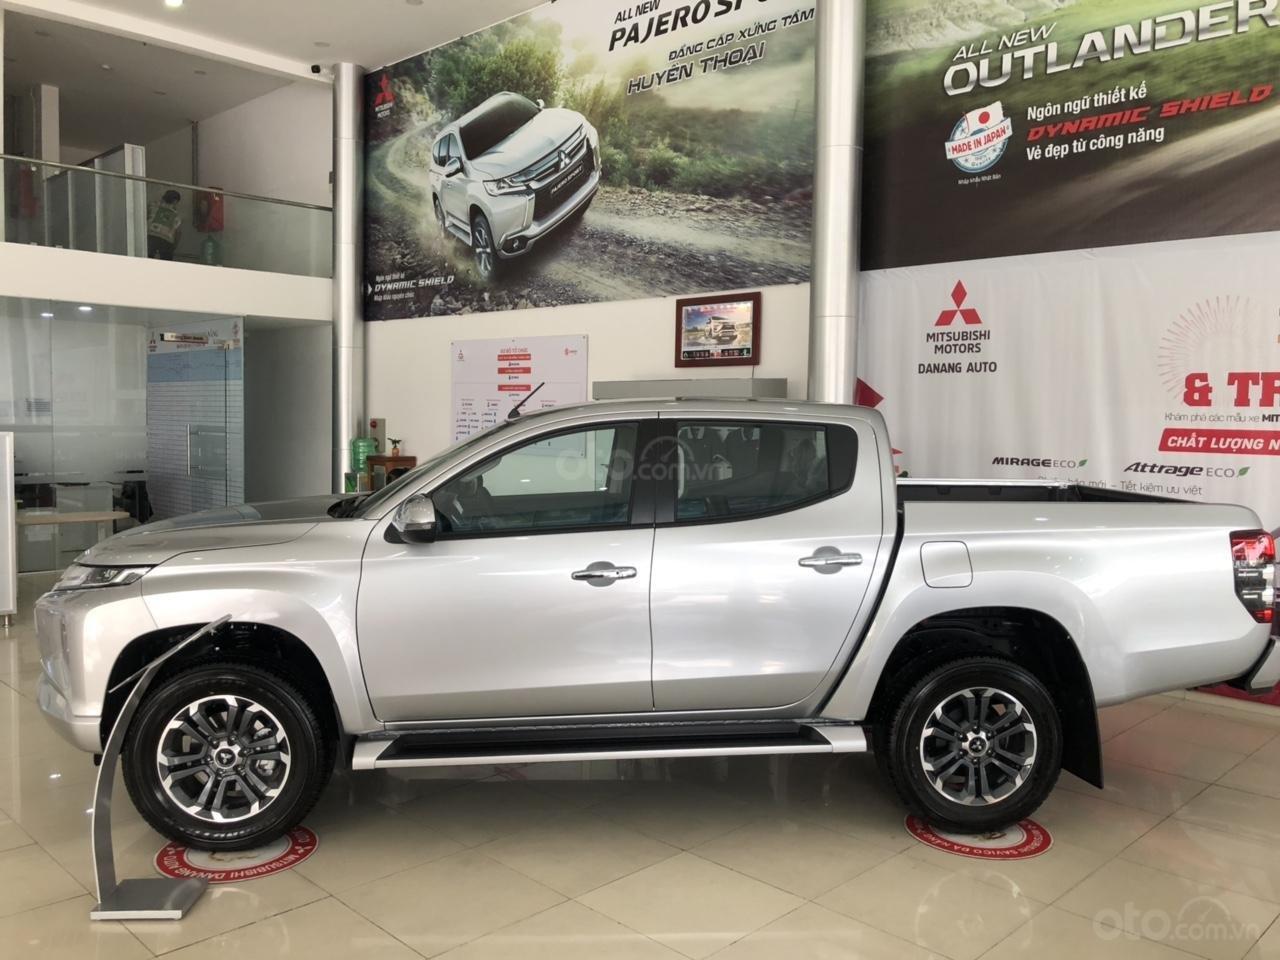 [Siêu hot] Mitsubishi Triton 2019, màu bạc, nhập khẩu Thái, đẳng cấp phân khúc, cho vay 80%. LH: 0905.91.01.99 (3)